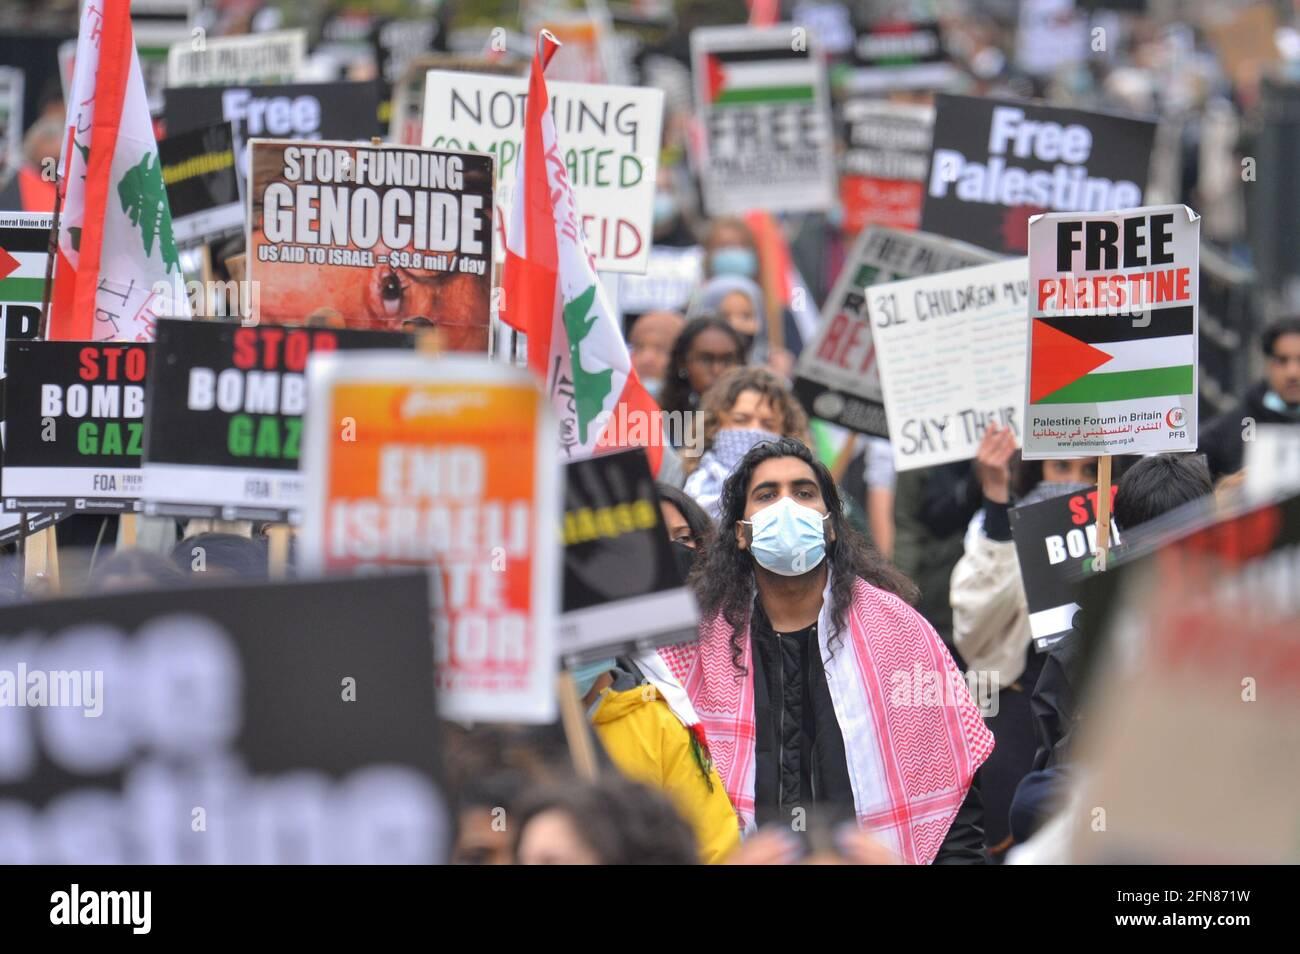 Während eines solidaritätsmarsches mit dem palästinensischen Volk inmitten des andauernden Konflikts mit Israel marschieren Demonstranten durch den Hyde Park zur israelischen Botschaft in London. Bilddatum: Samstag, 15. Mai 2021. Stockfoto